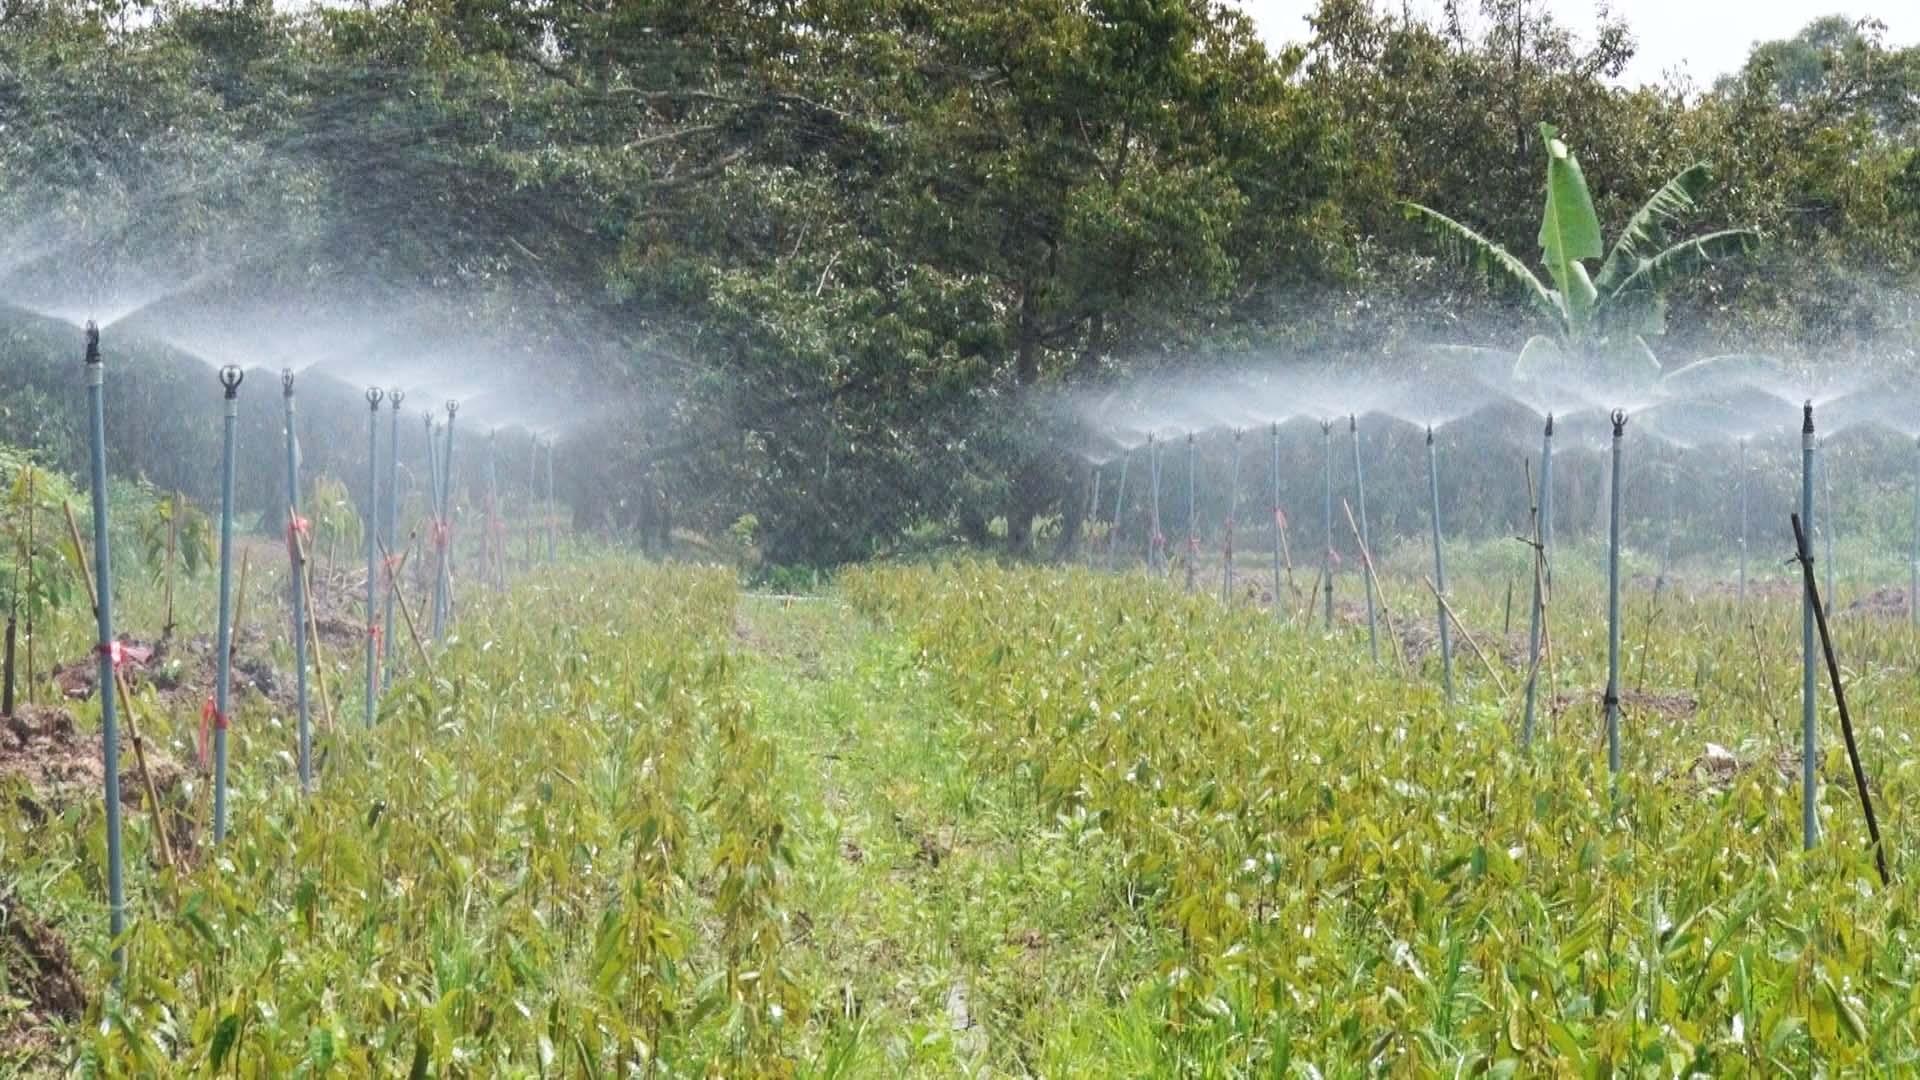 Nông dân Chợ Lách áp dụng rộng rãi khoa học kỹ thuật vào trong sản xuất